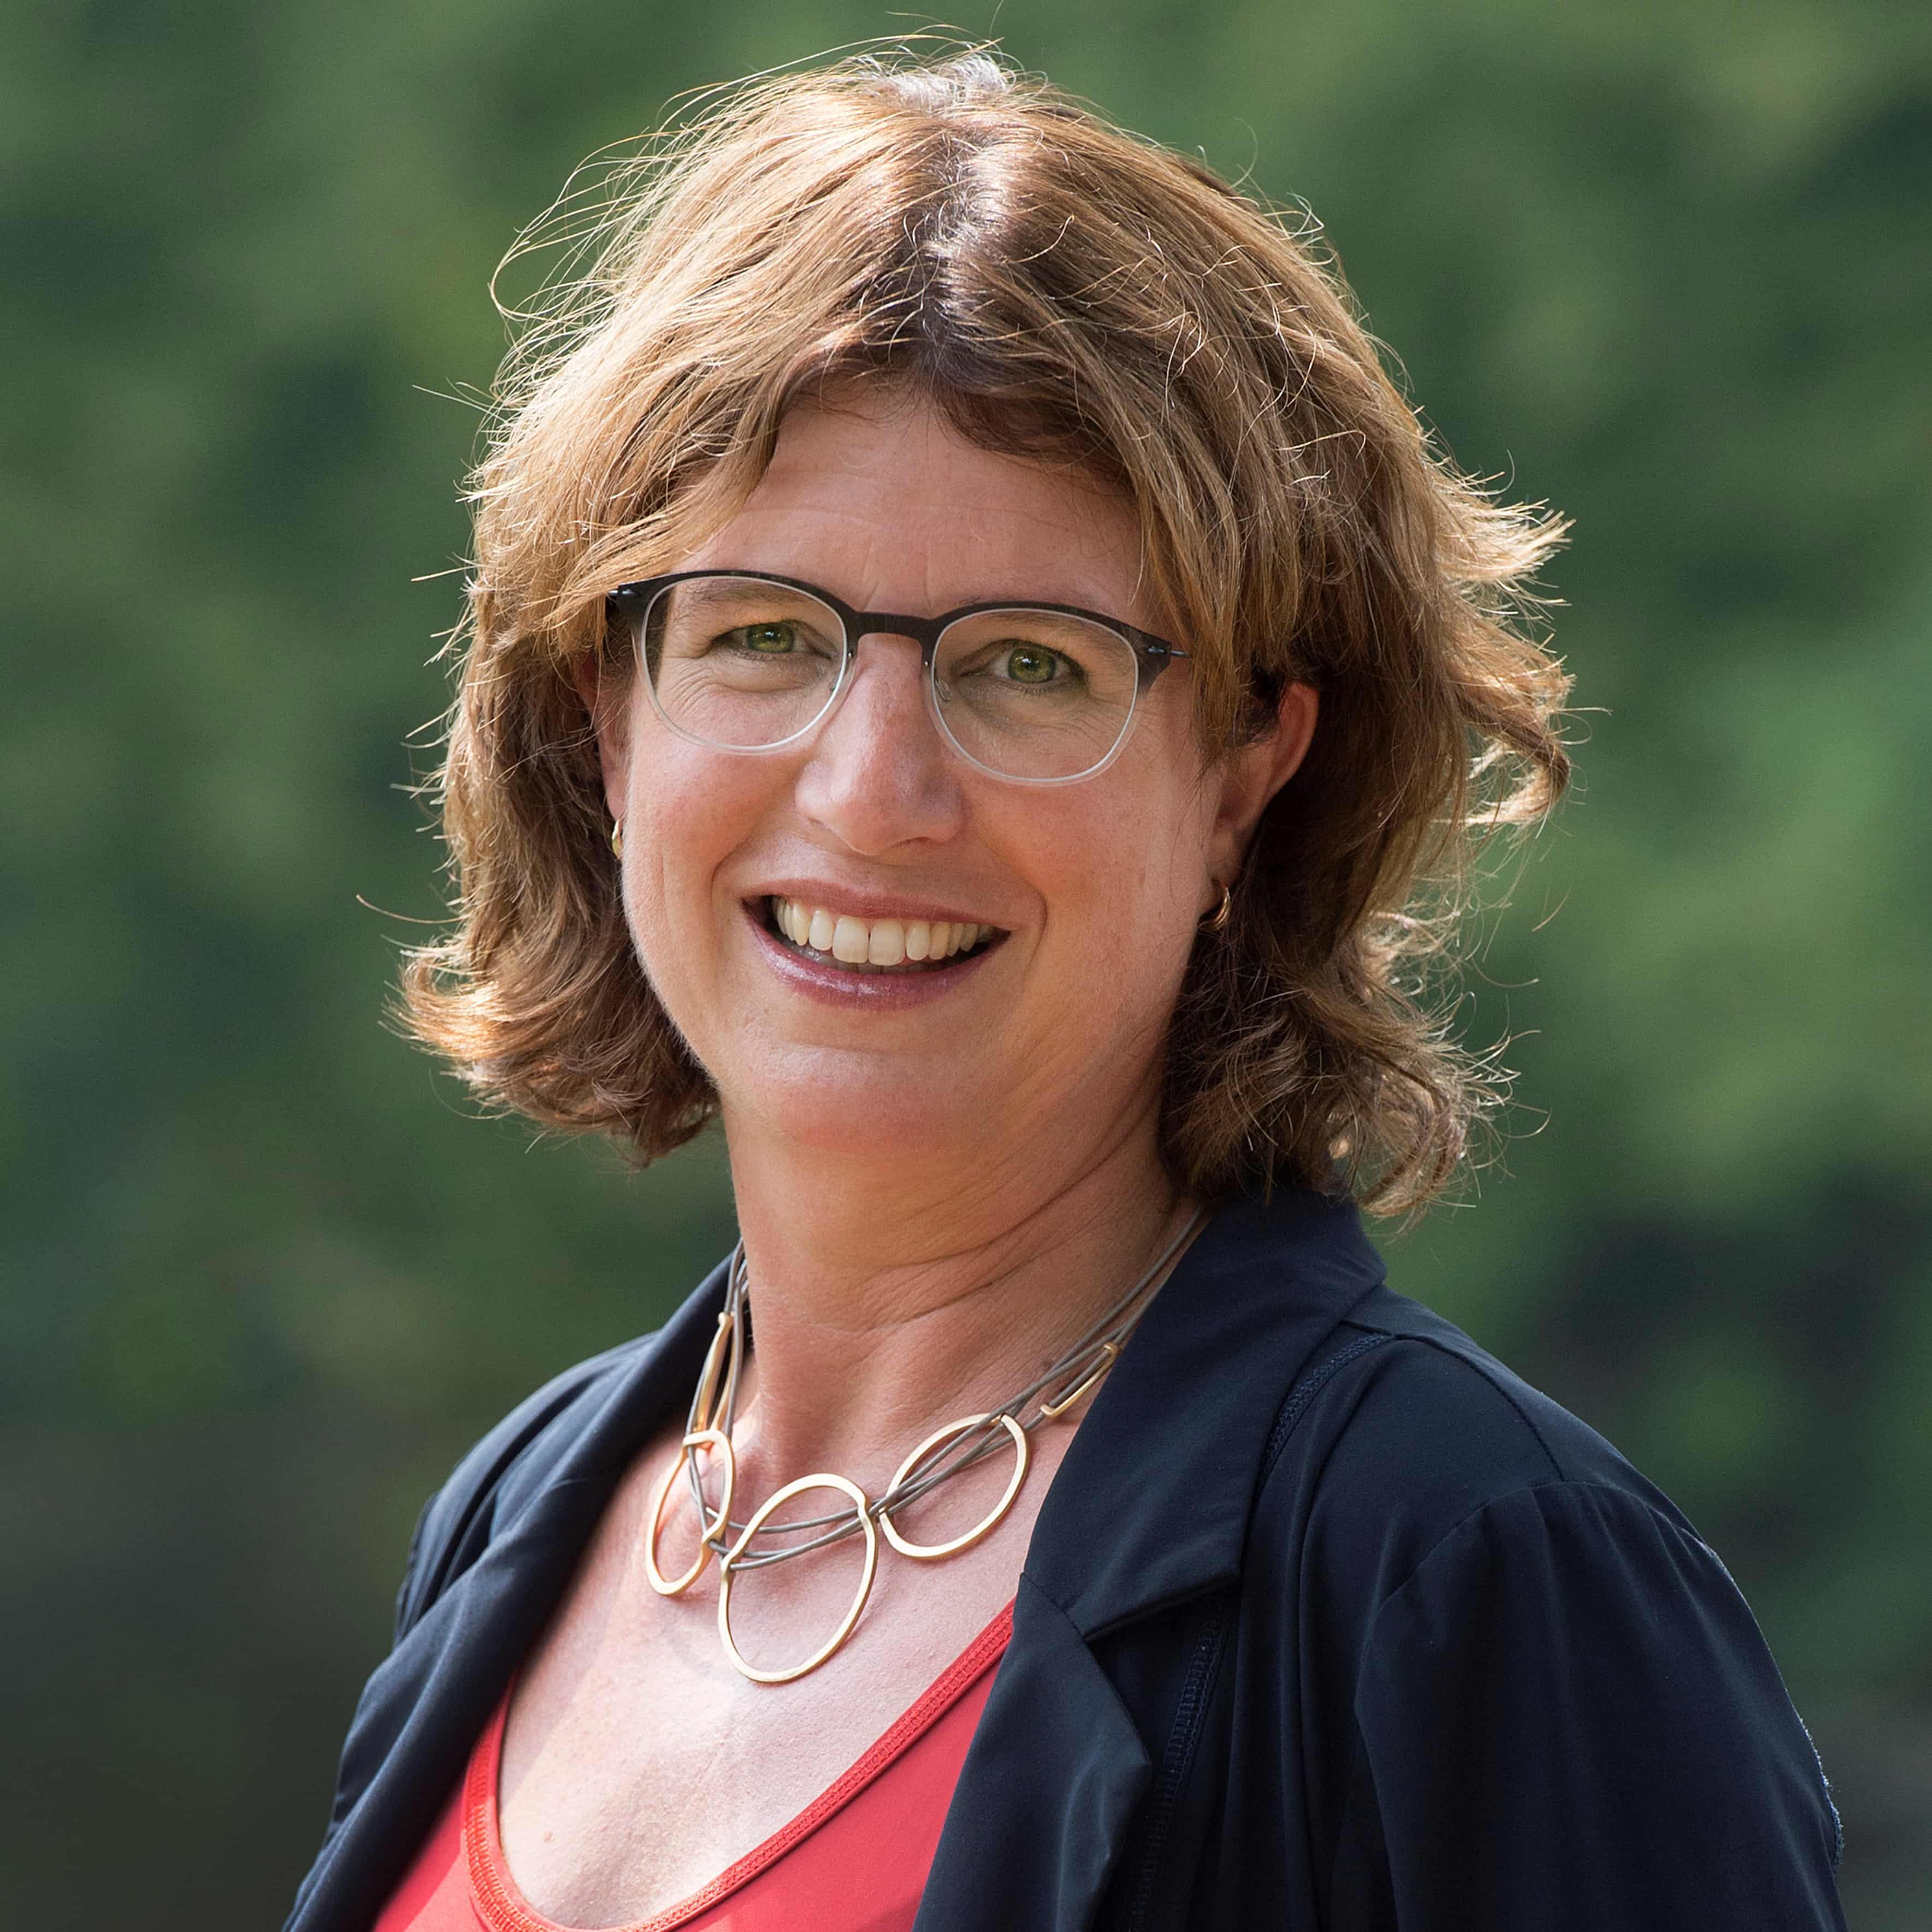 Miriam Haagh